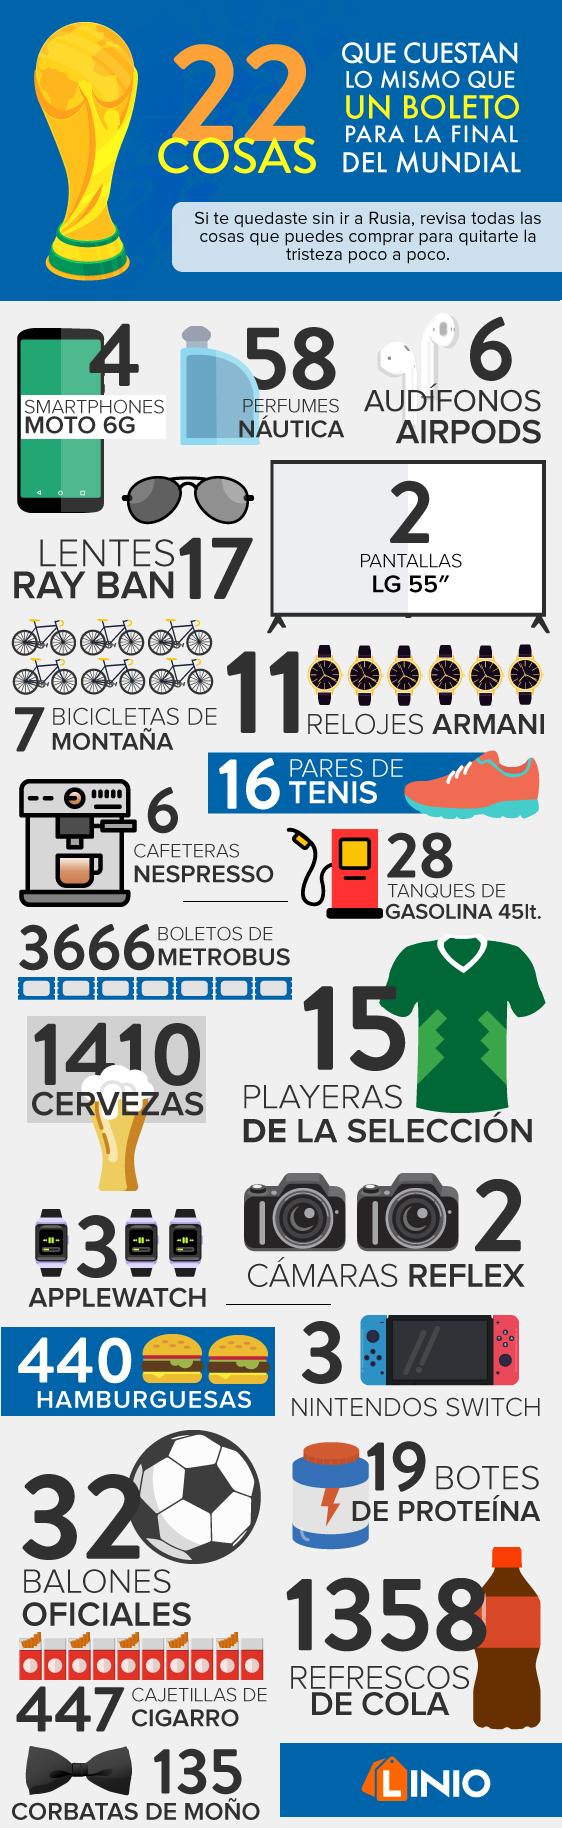 22 cosas a cambio de un boleto del Mundial 2018 [Infografía] - infografia_mundial_liniomx